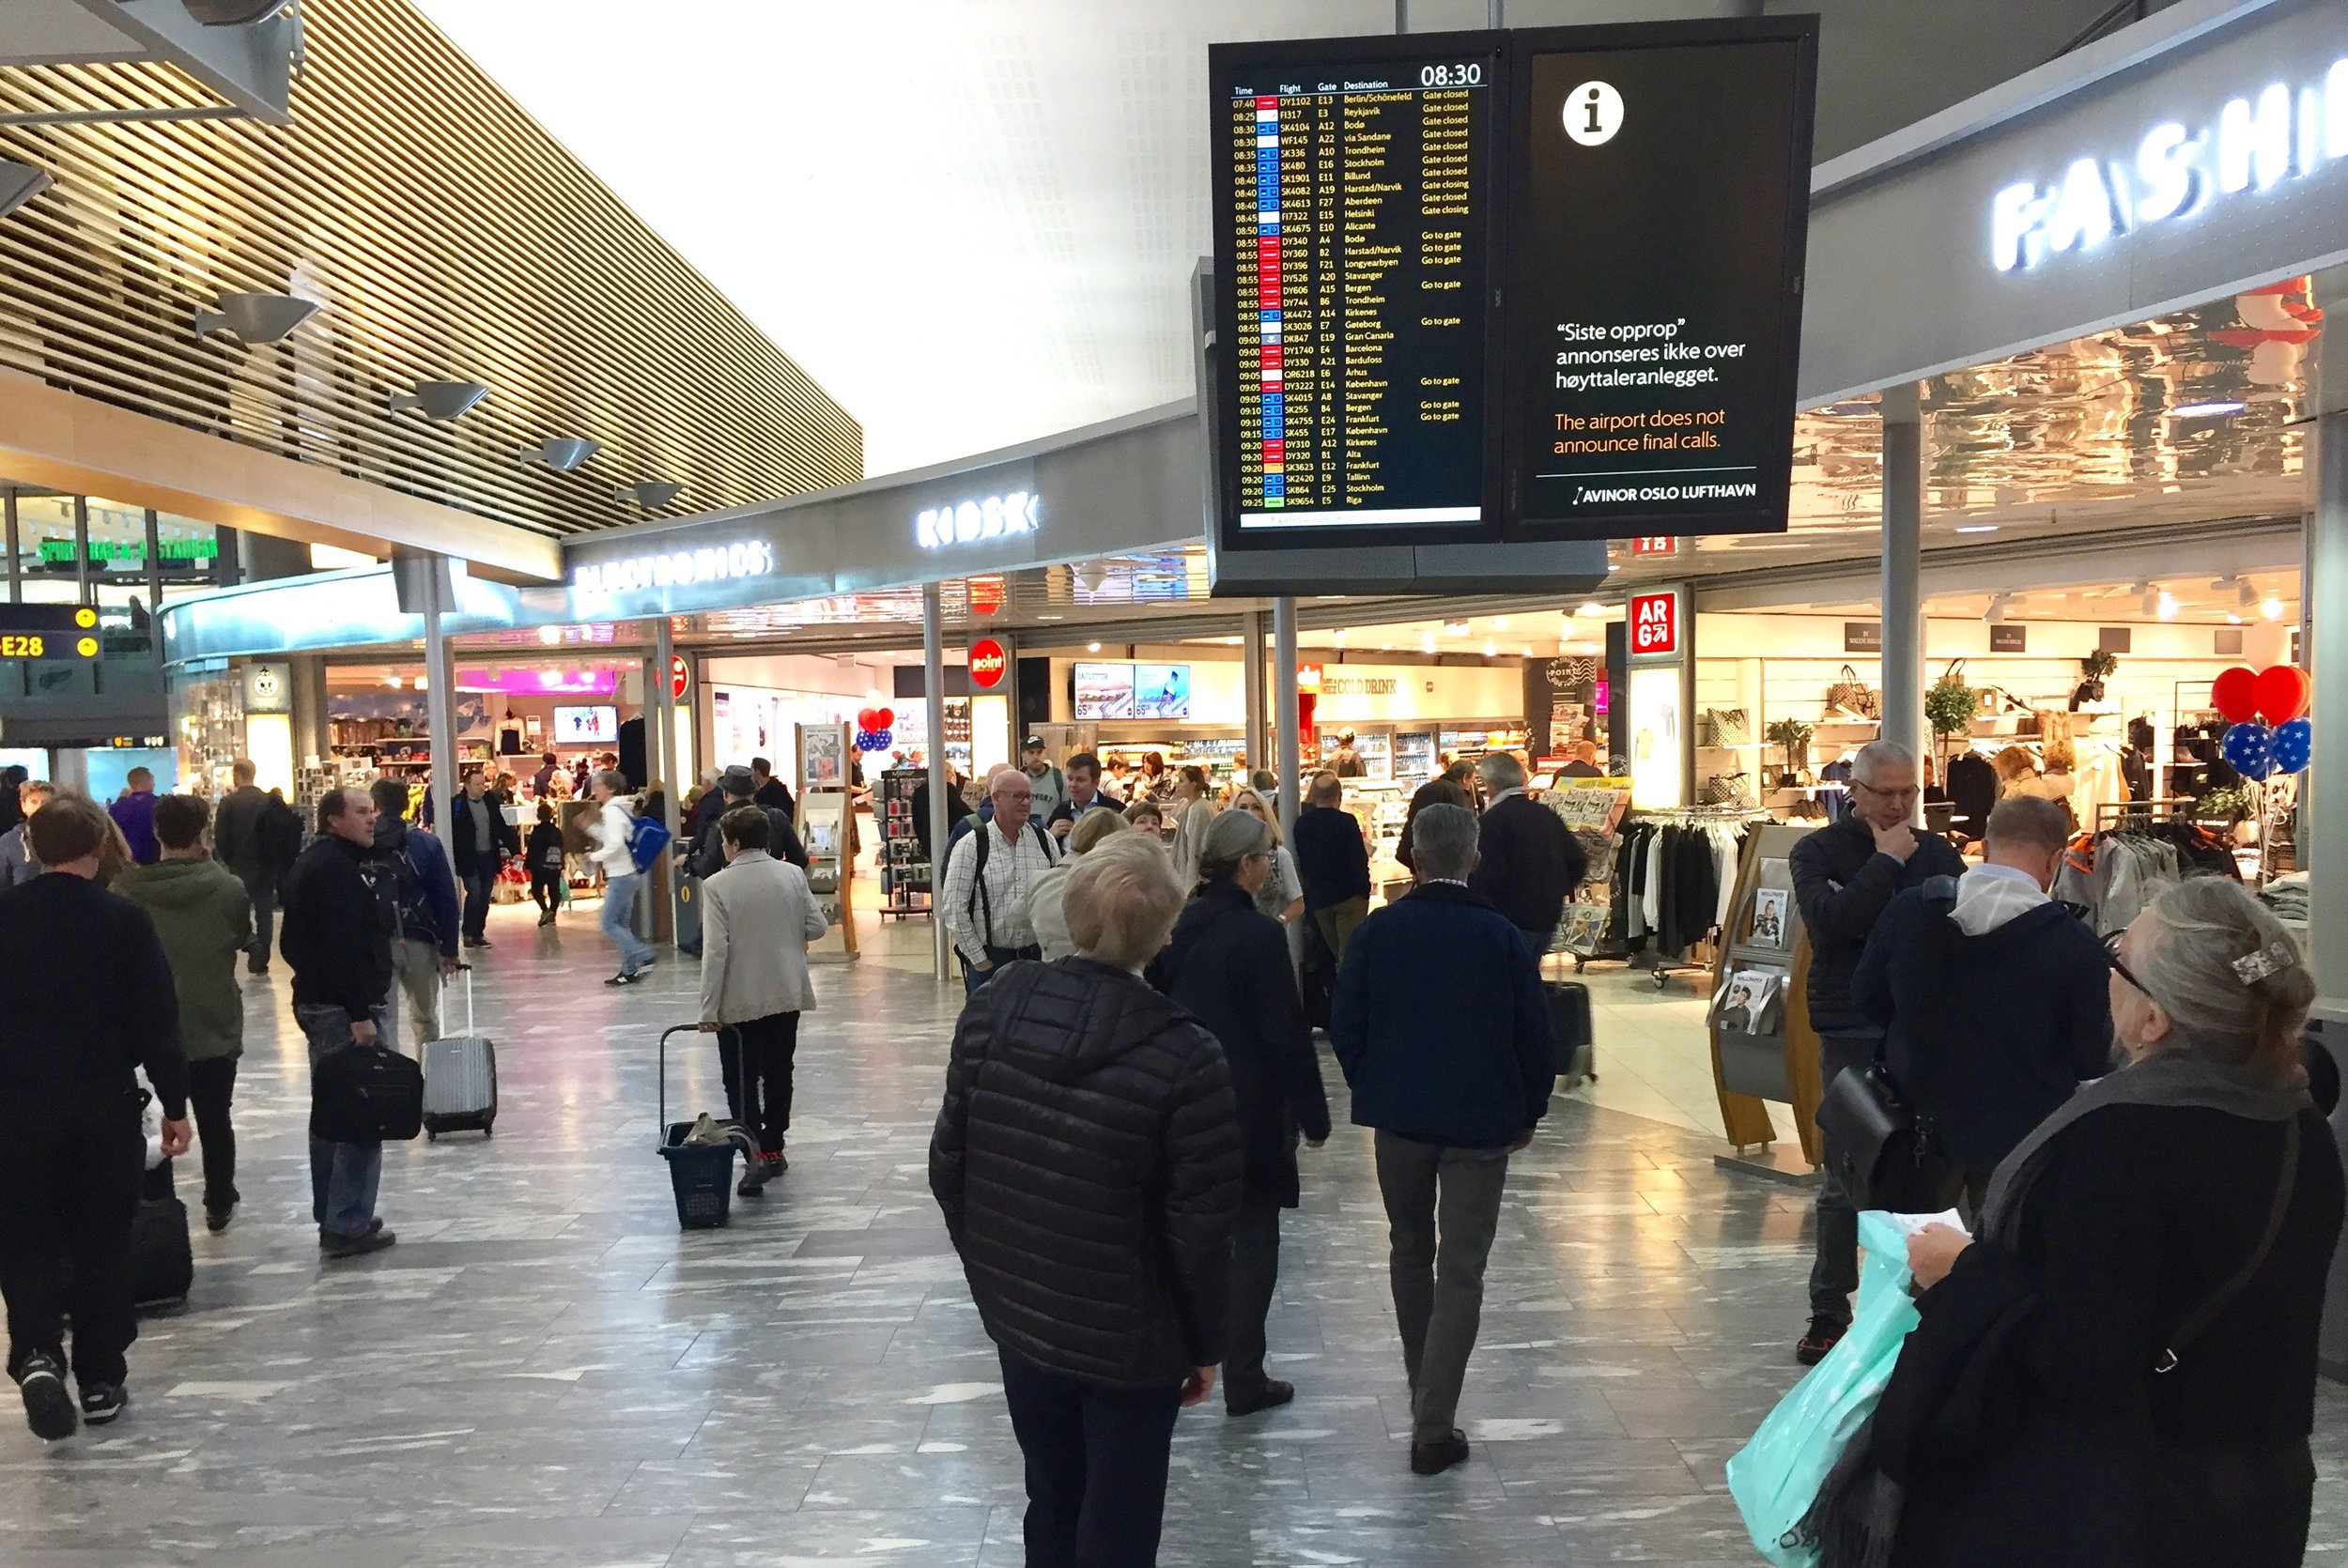 Landets mest besøkte flyplass, og arbeidsplassen til mange tusen mennesker. Foto: Odd R. Lange